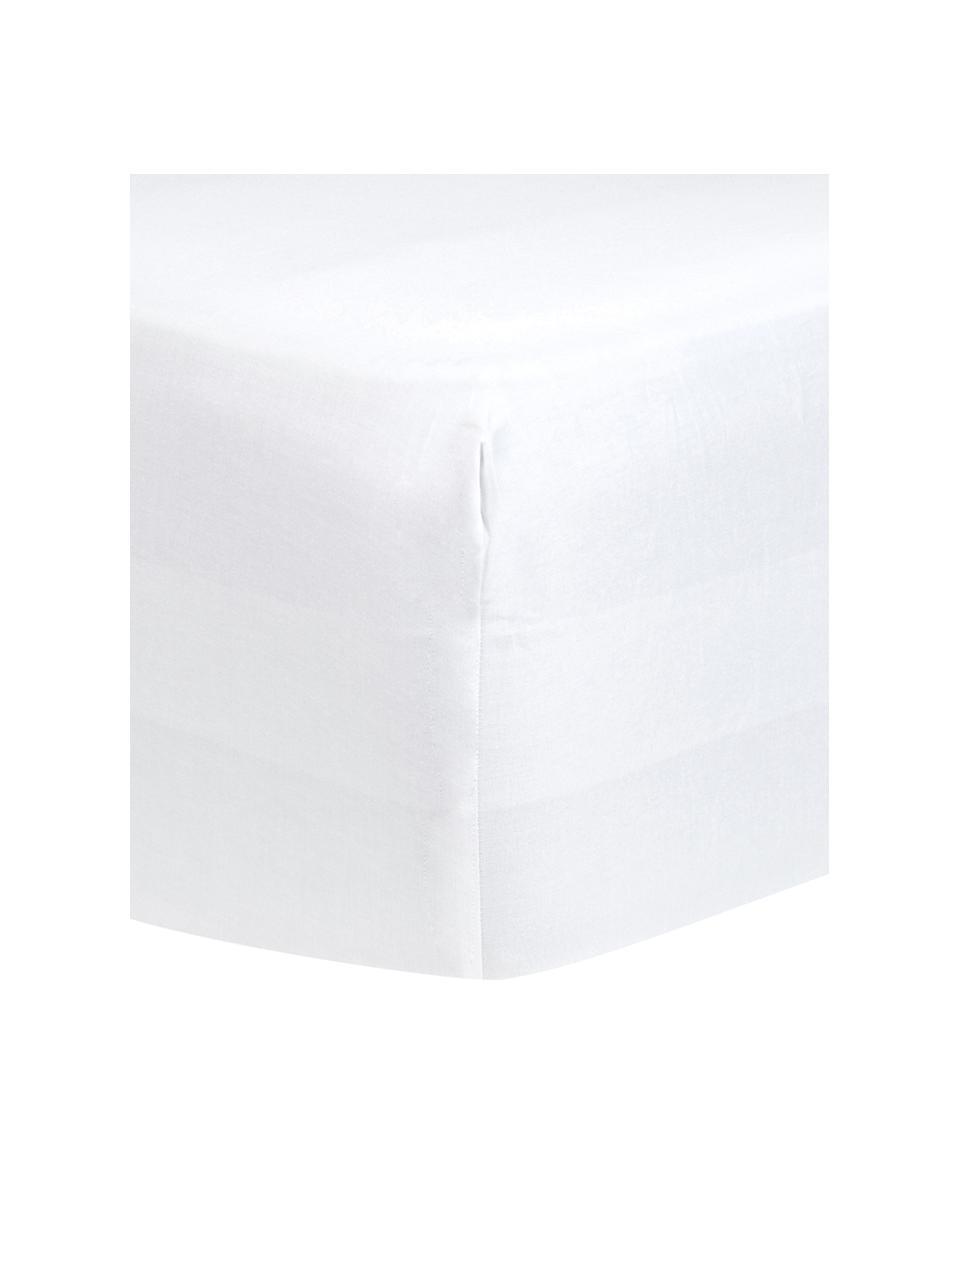 Prześcieradło z gumką z satyny bawełnianej Comfort, Biały, S 160 x D 200 cm